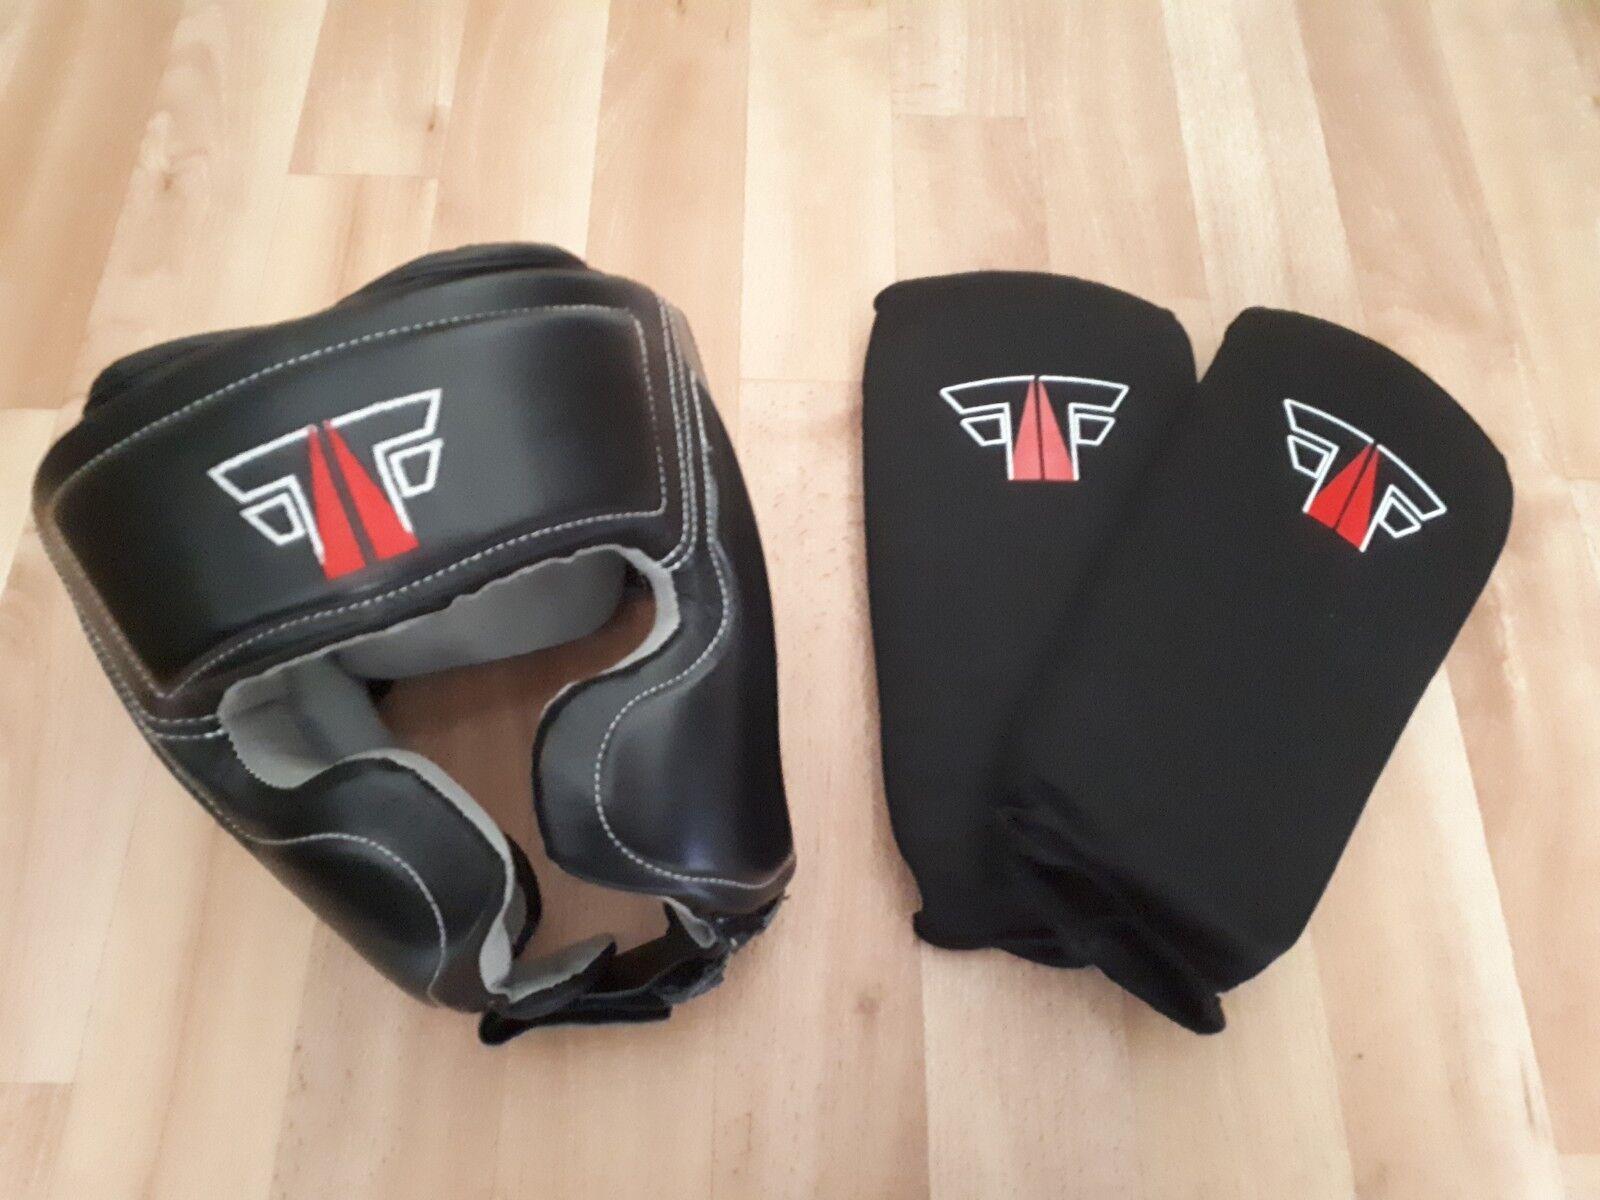 Kopfschutz ,Schienbeinschutz und und ,Schienbeinschutz Handschuhe Boxen 19dd0e